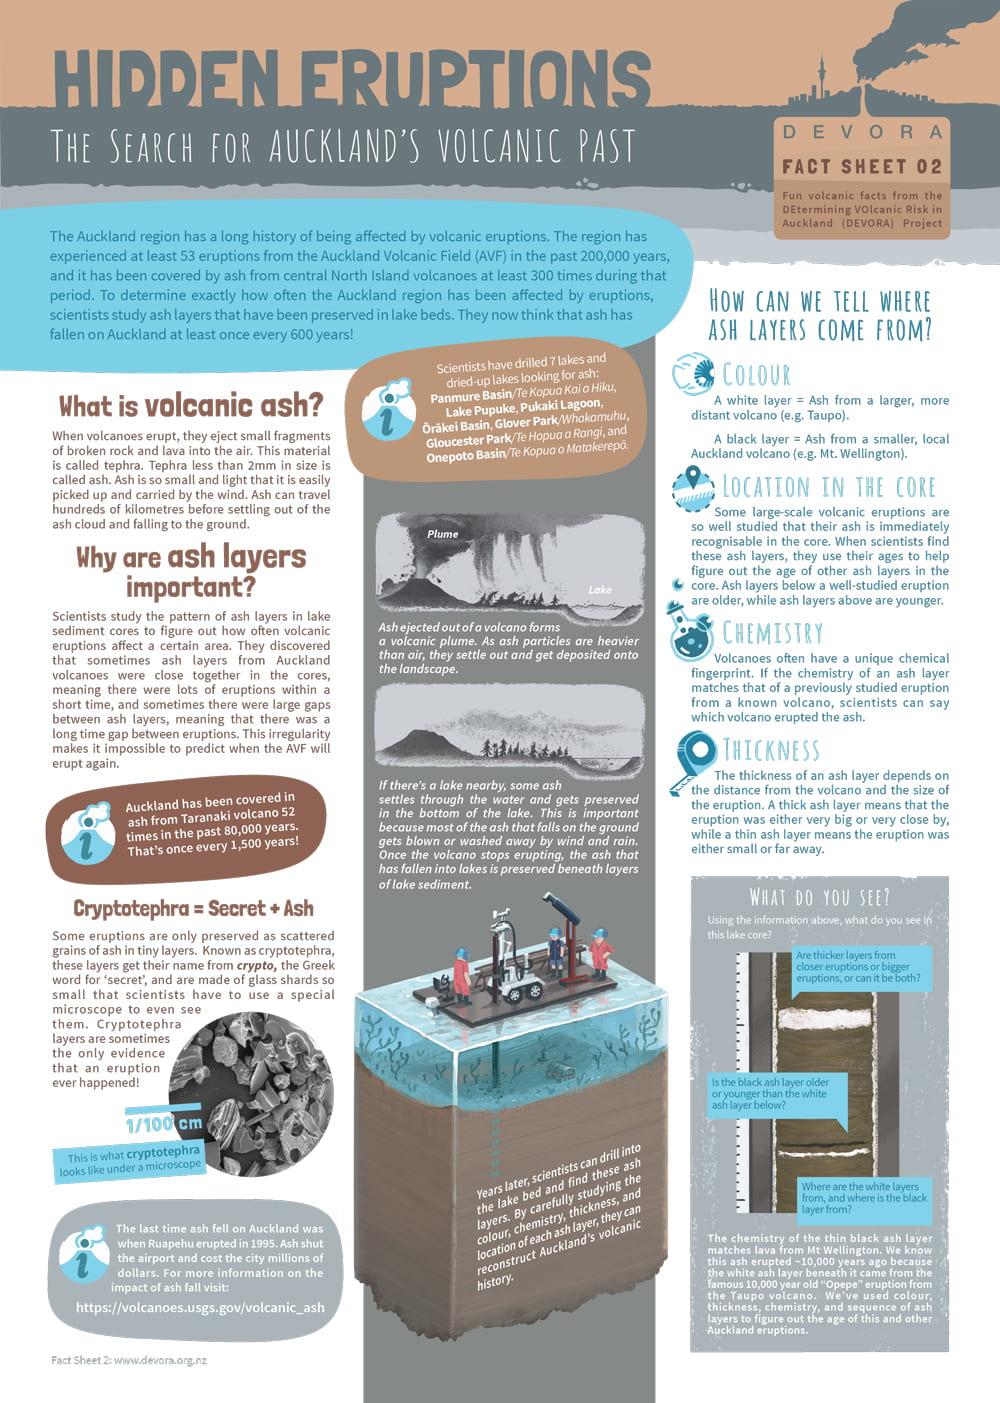 DEVORA Fact Sheet 02 - Hidden Eruptions Cover